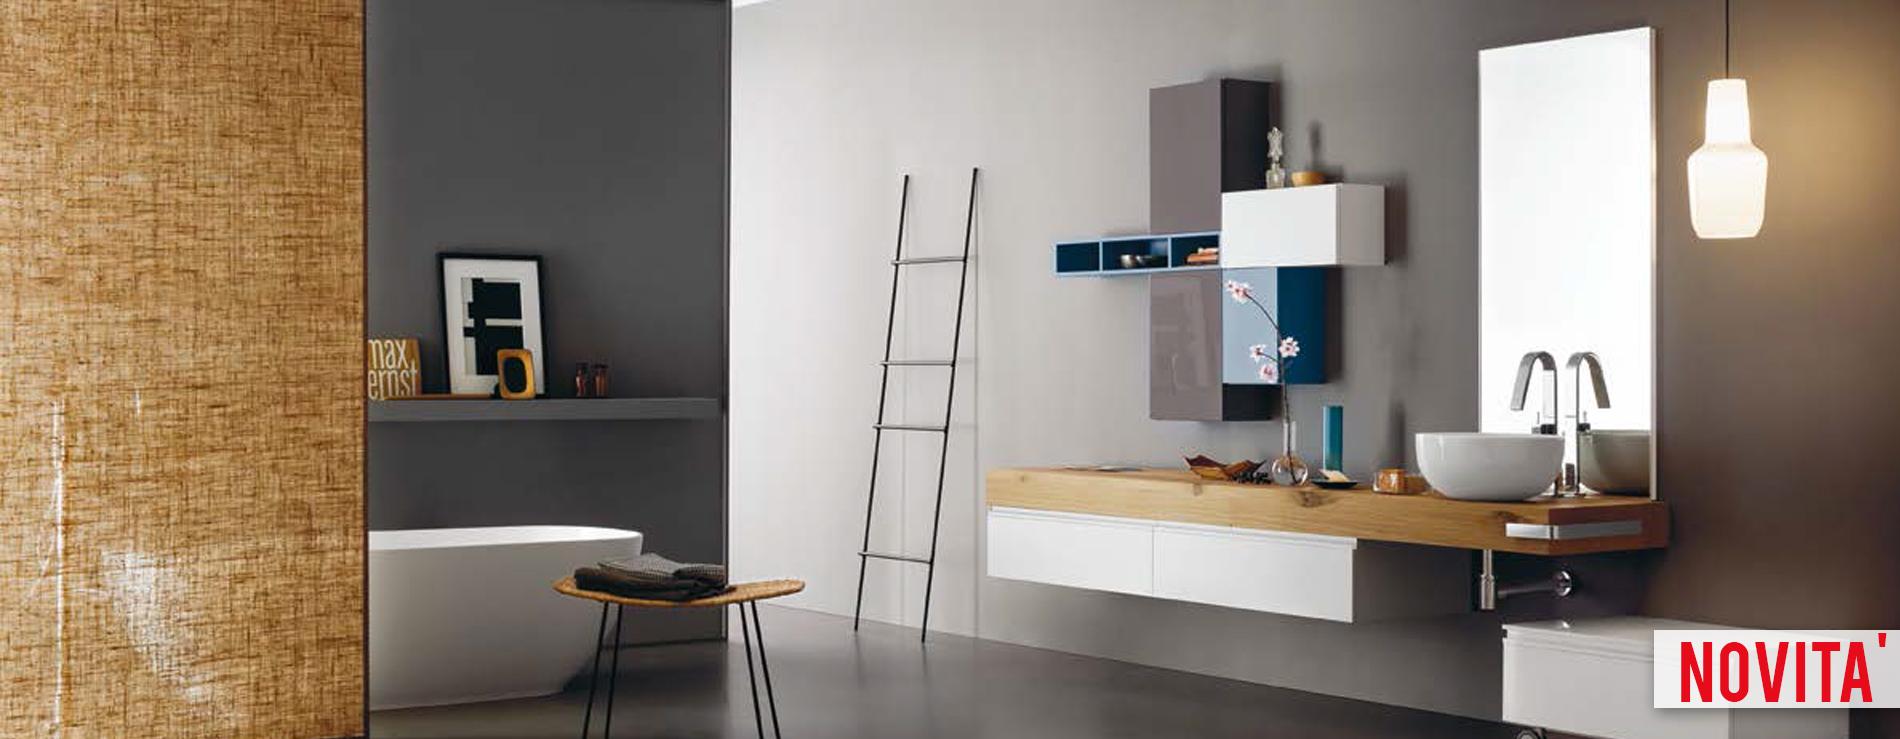 arredo bagno - mobili bagno - centro mobili godiasco salice terme pv - Nice Arredo Bagno